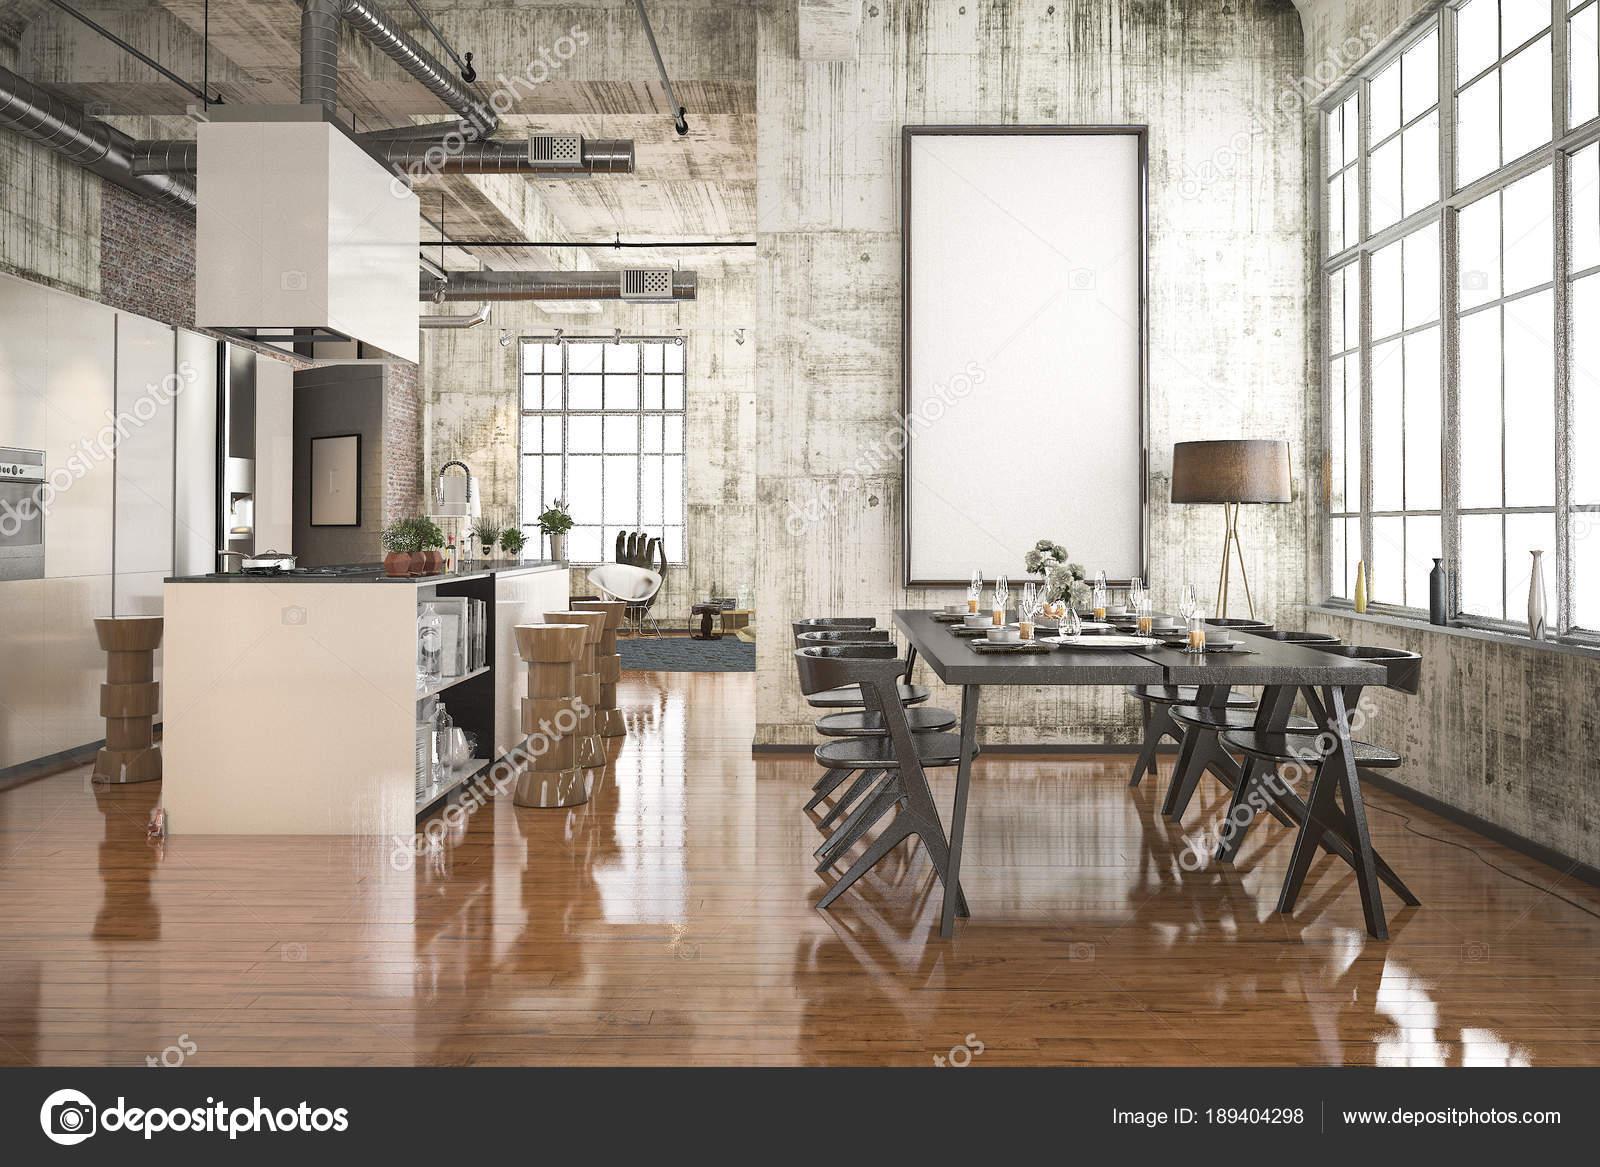 Cucina Stile Industriale Rendering Con Sala Pranzo Zona Legno Nero ...